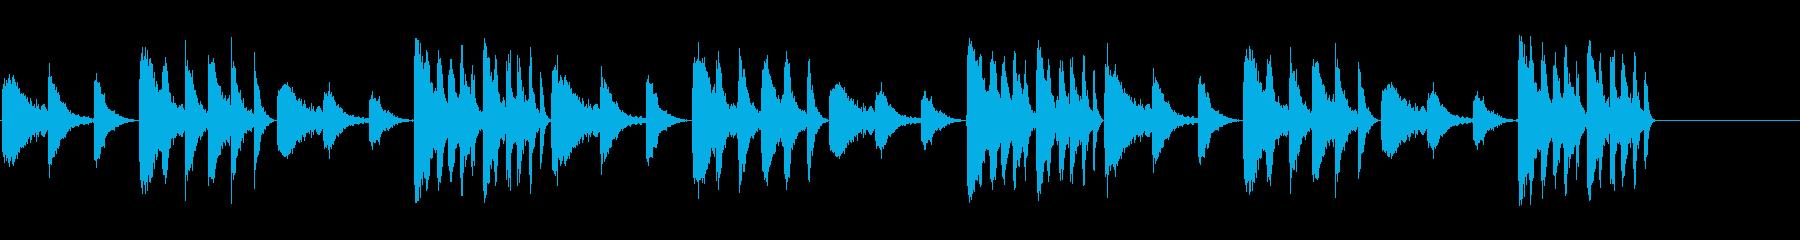 インダストリアルシーンの背景にの再生済みの波形